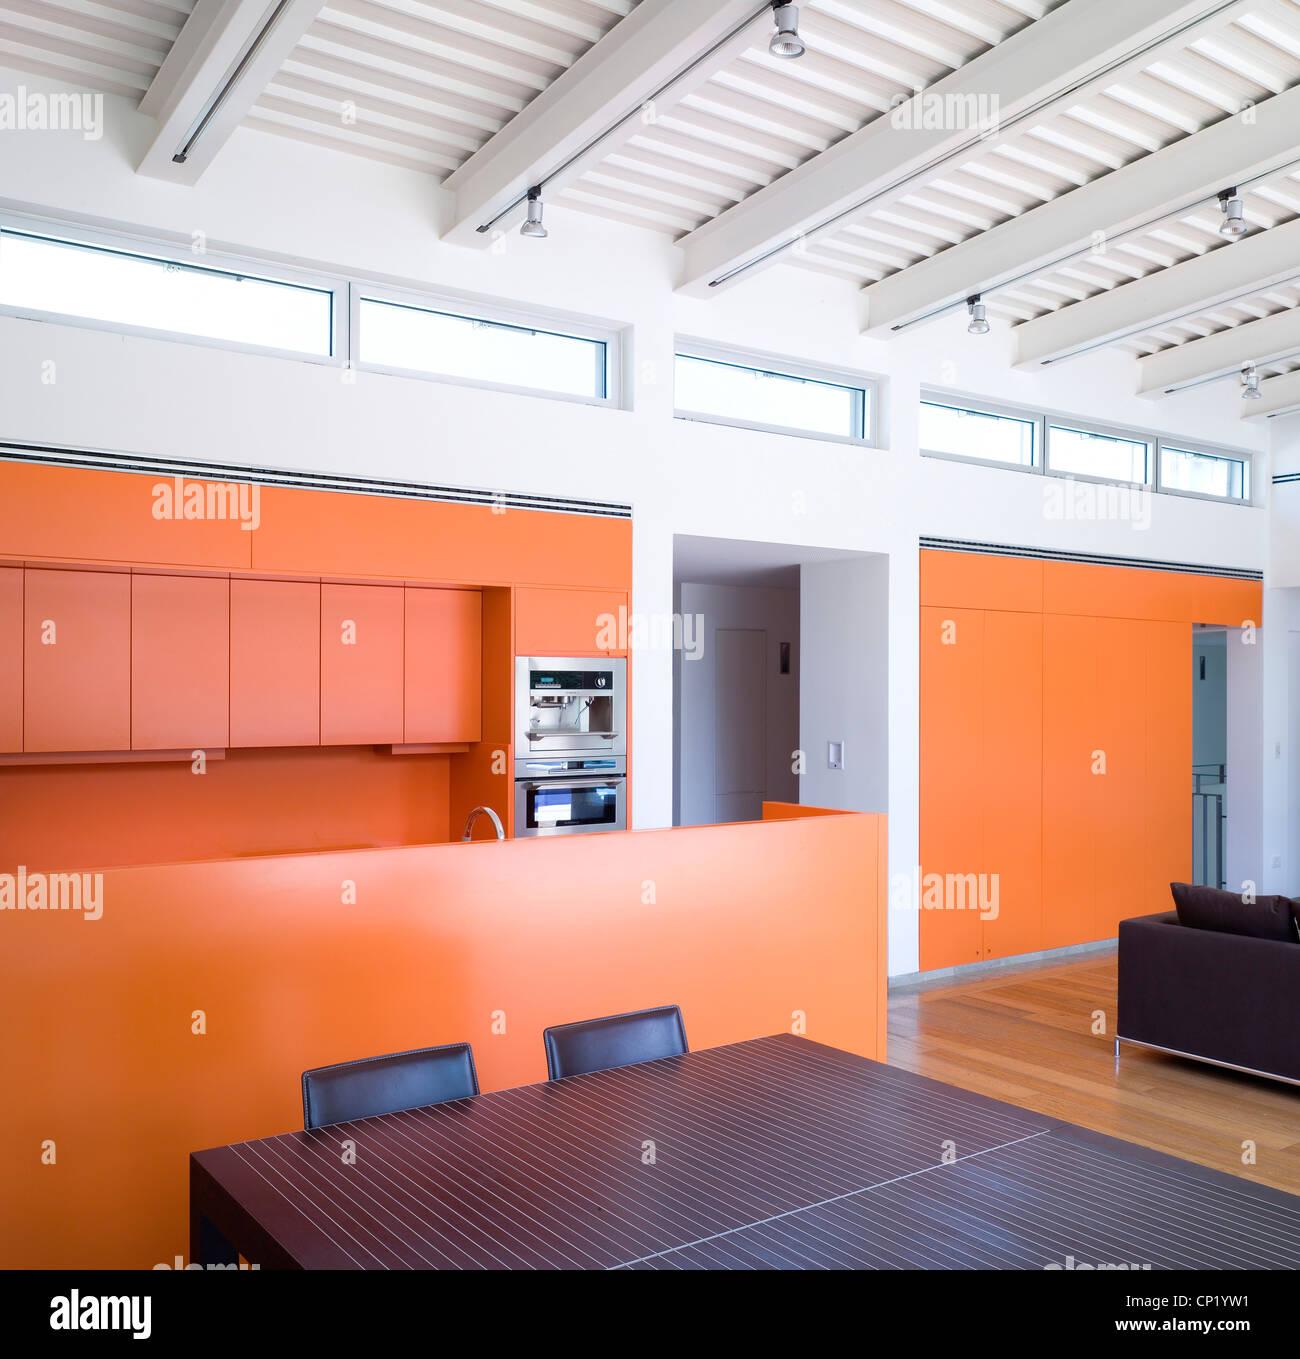 cuisine ouverte salle manger salle de sjour avec des murs orange et de ligne windows claire voie